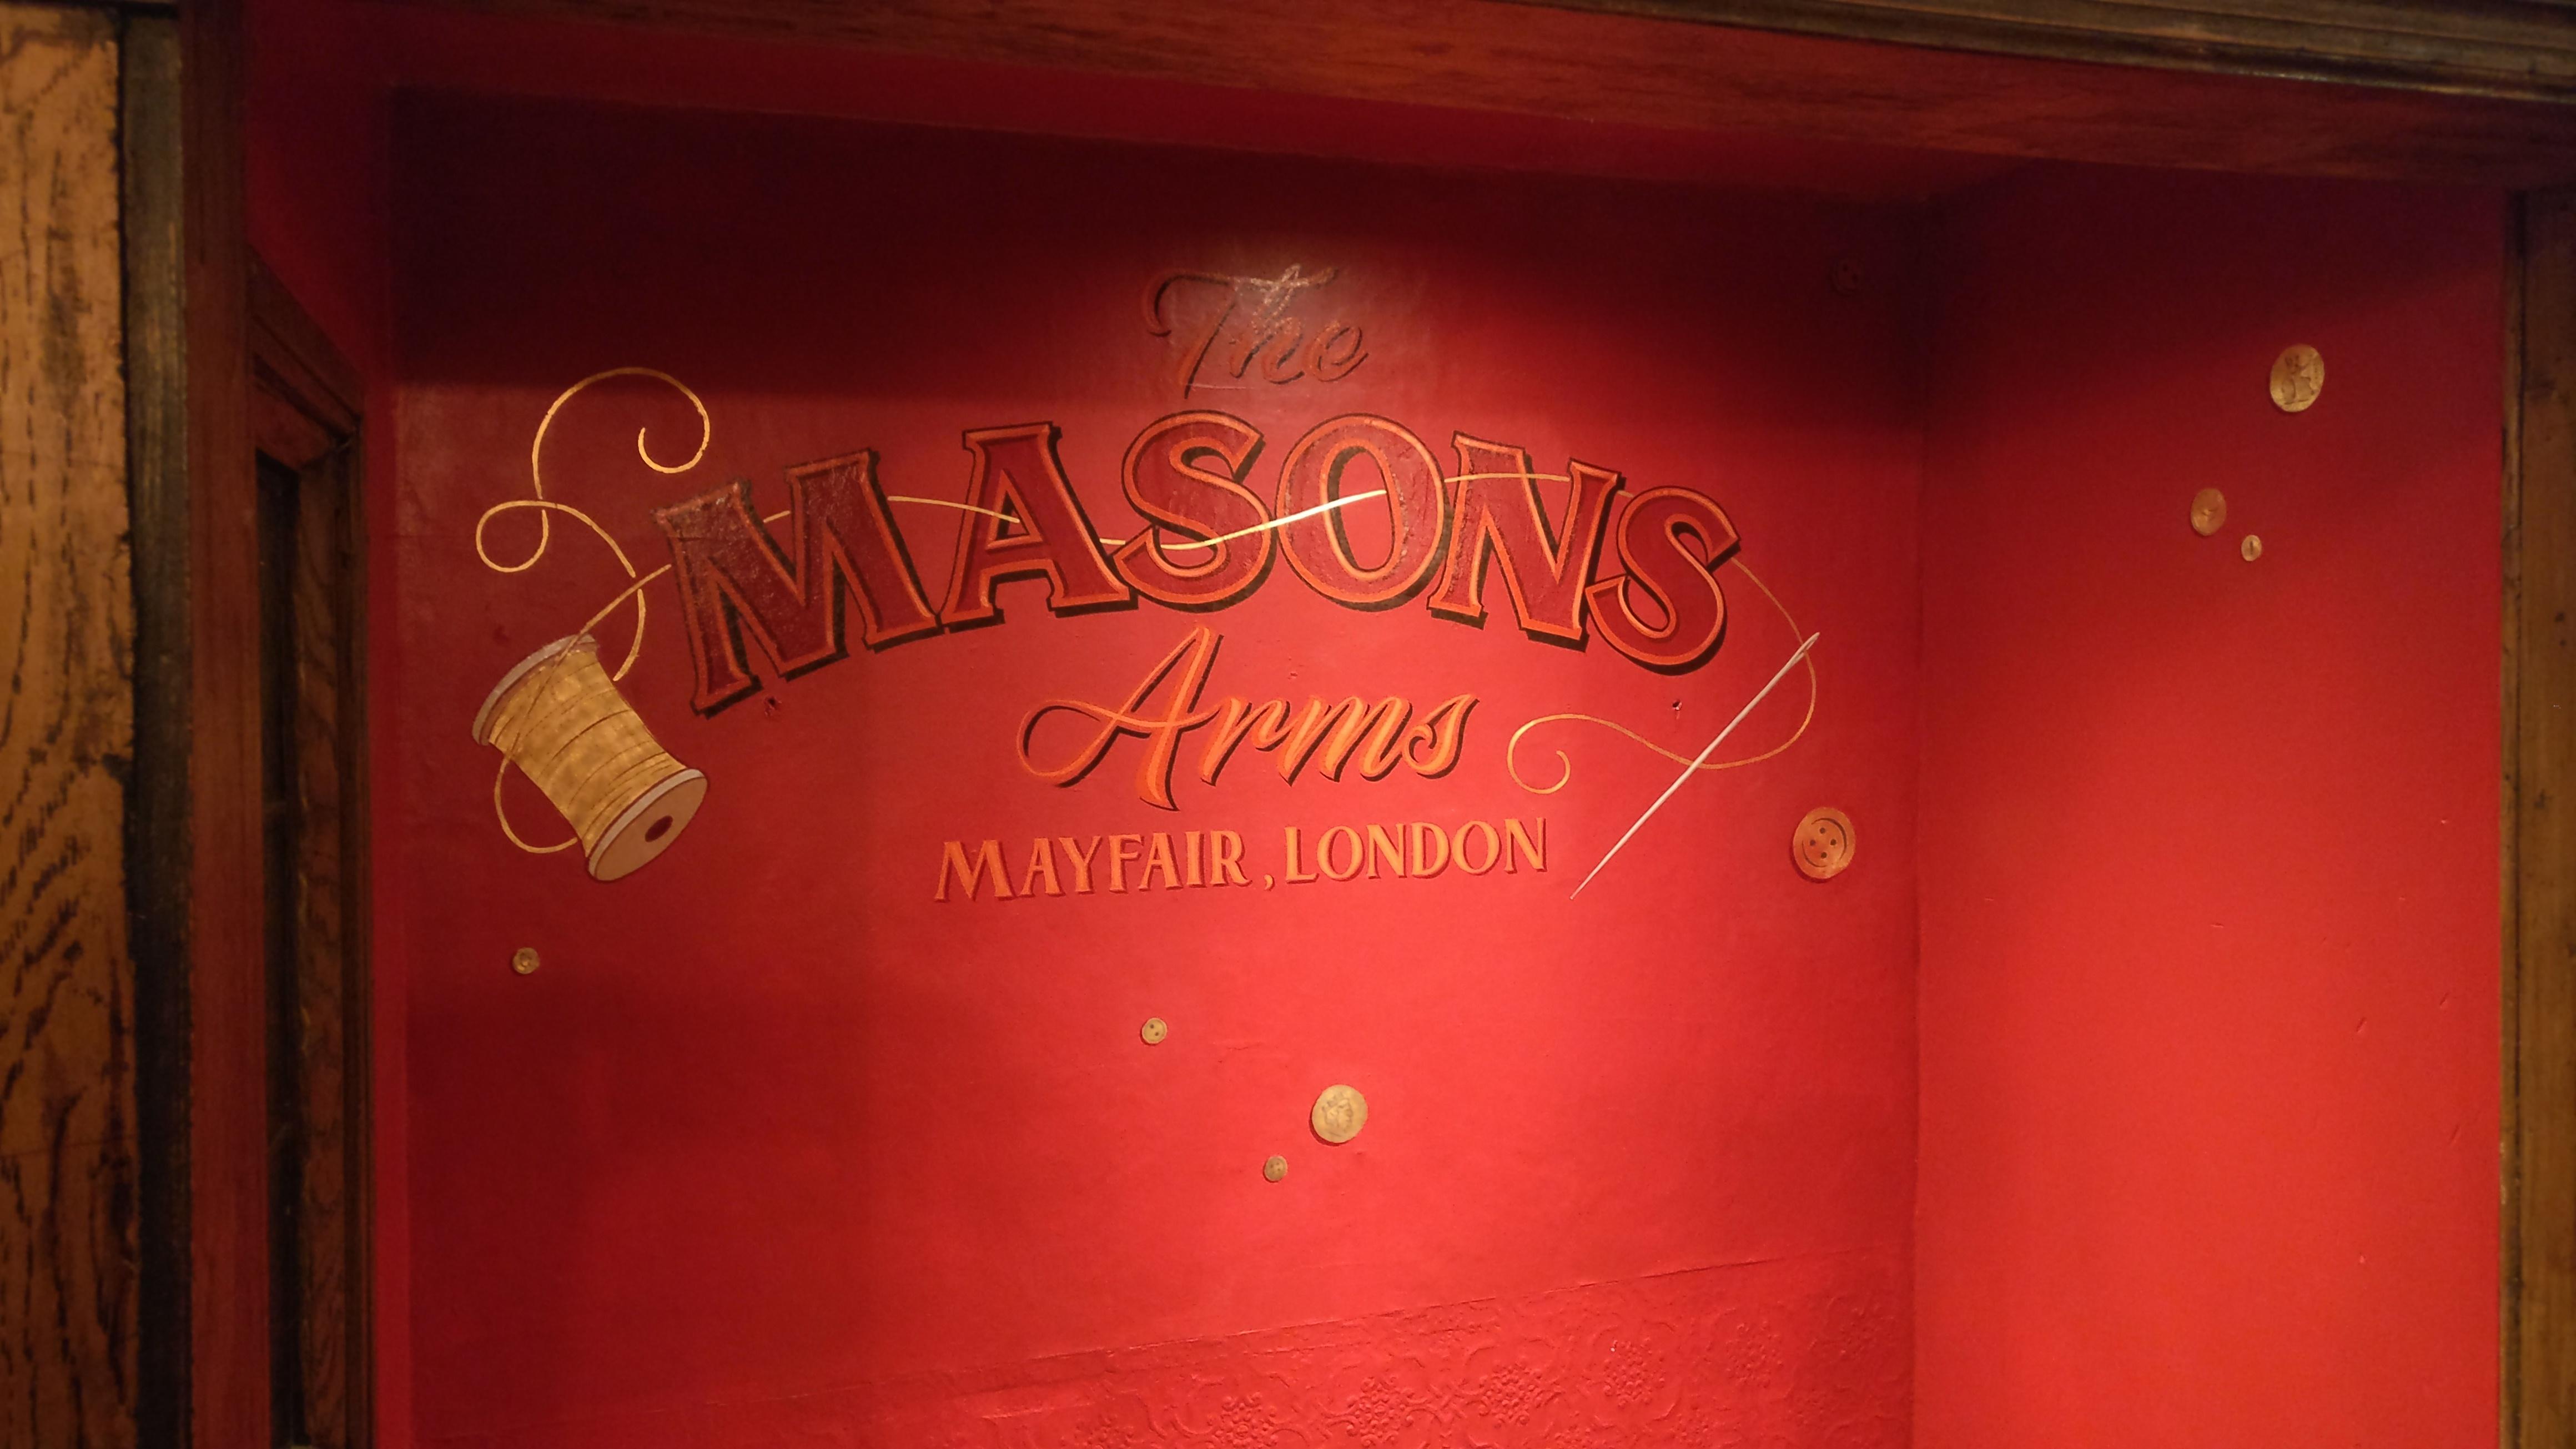 The Mason Arms, Mayfair